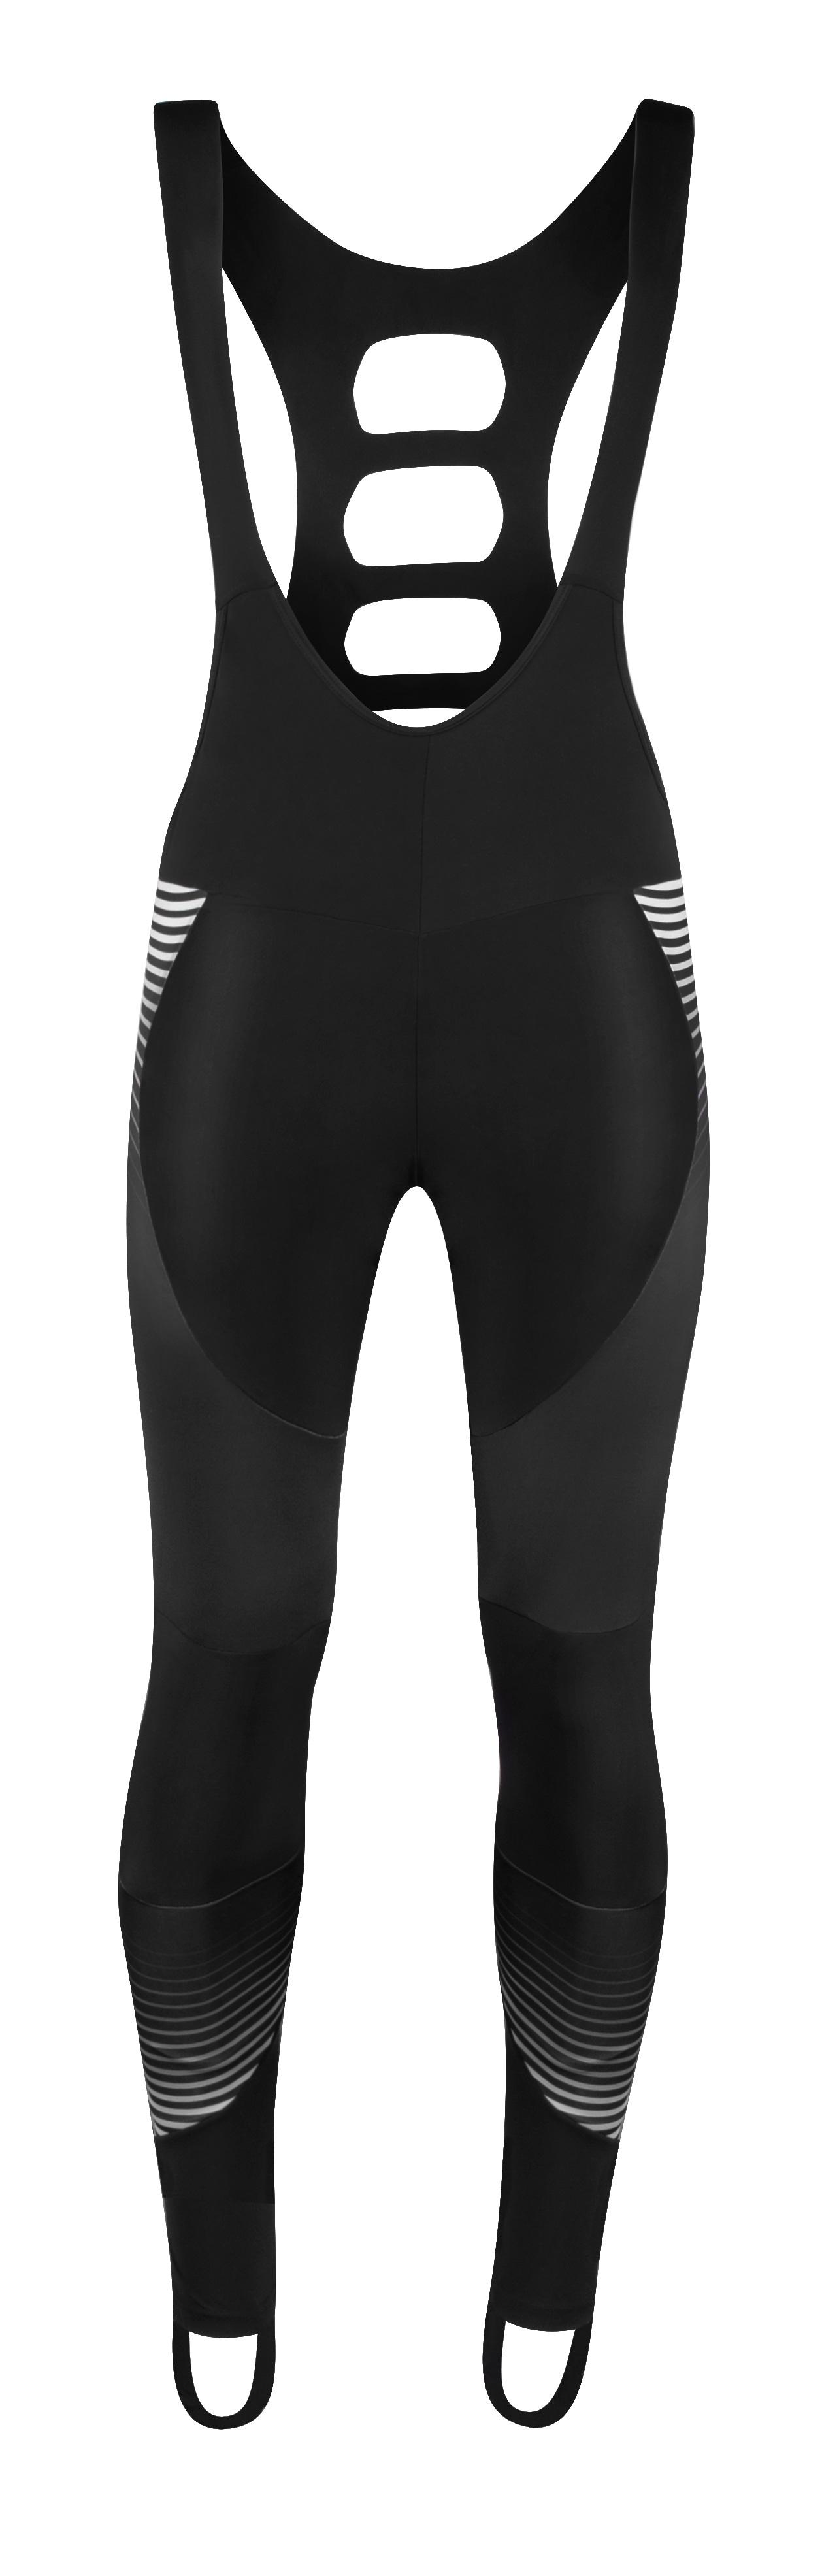 kalhoty FORCE DRIFT WIND se šráky bez vložky,černé XS